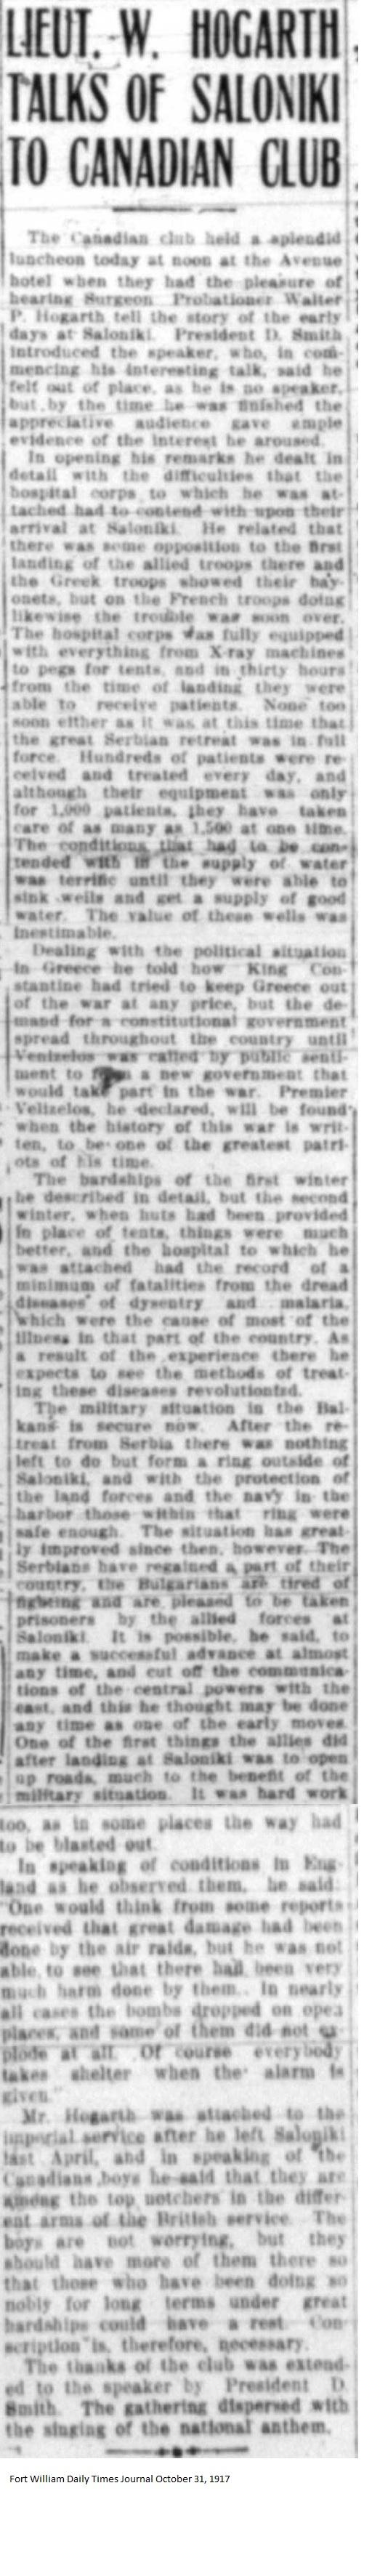 FWDTJ October 31, 1917 - Hogarth, Walter